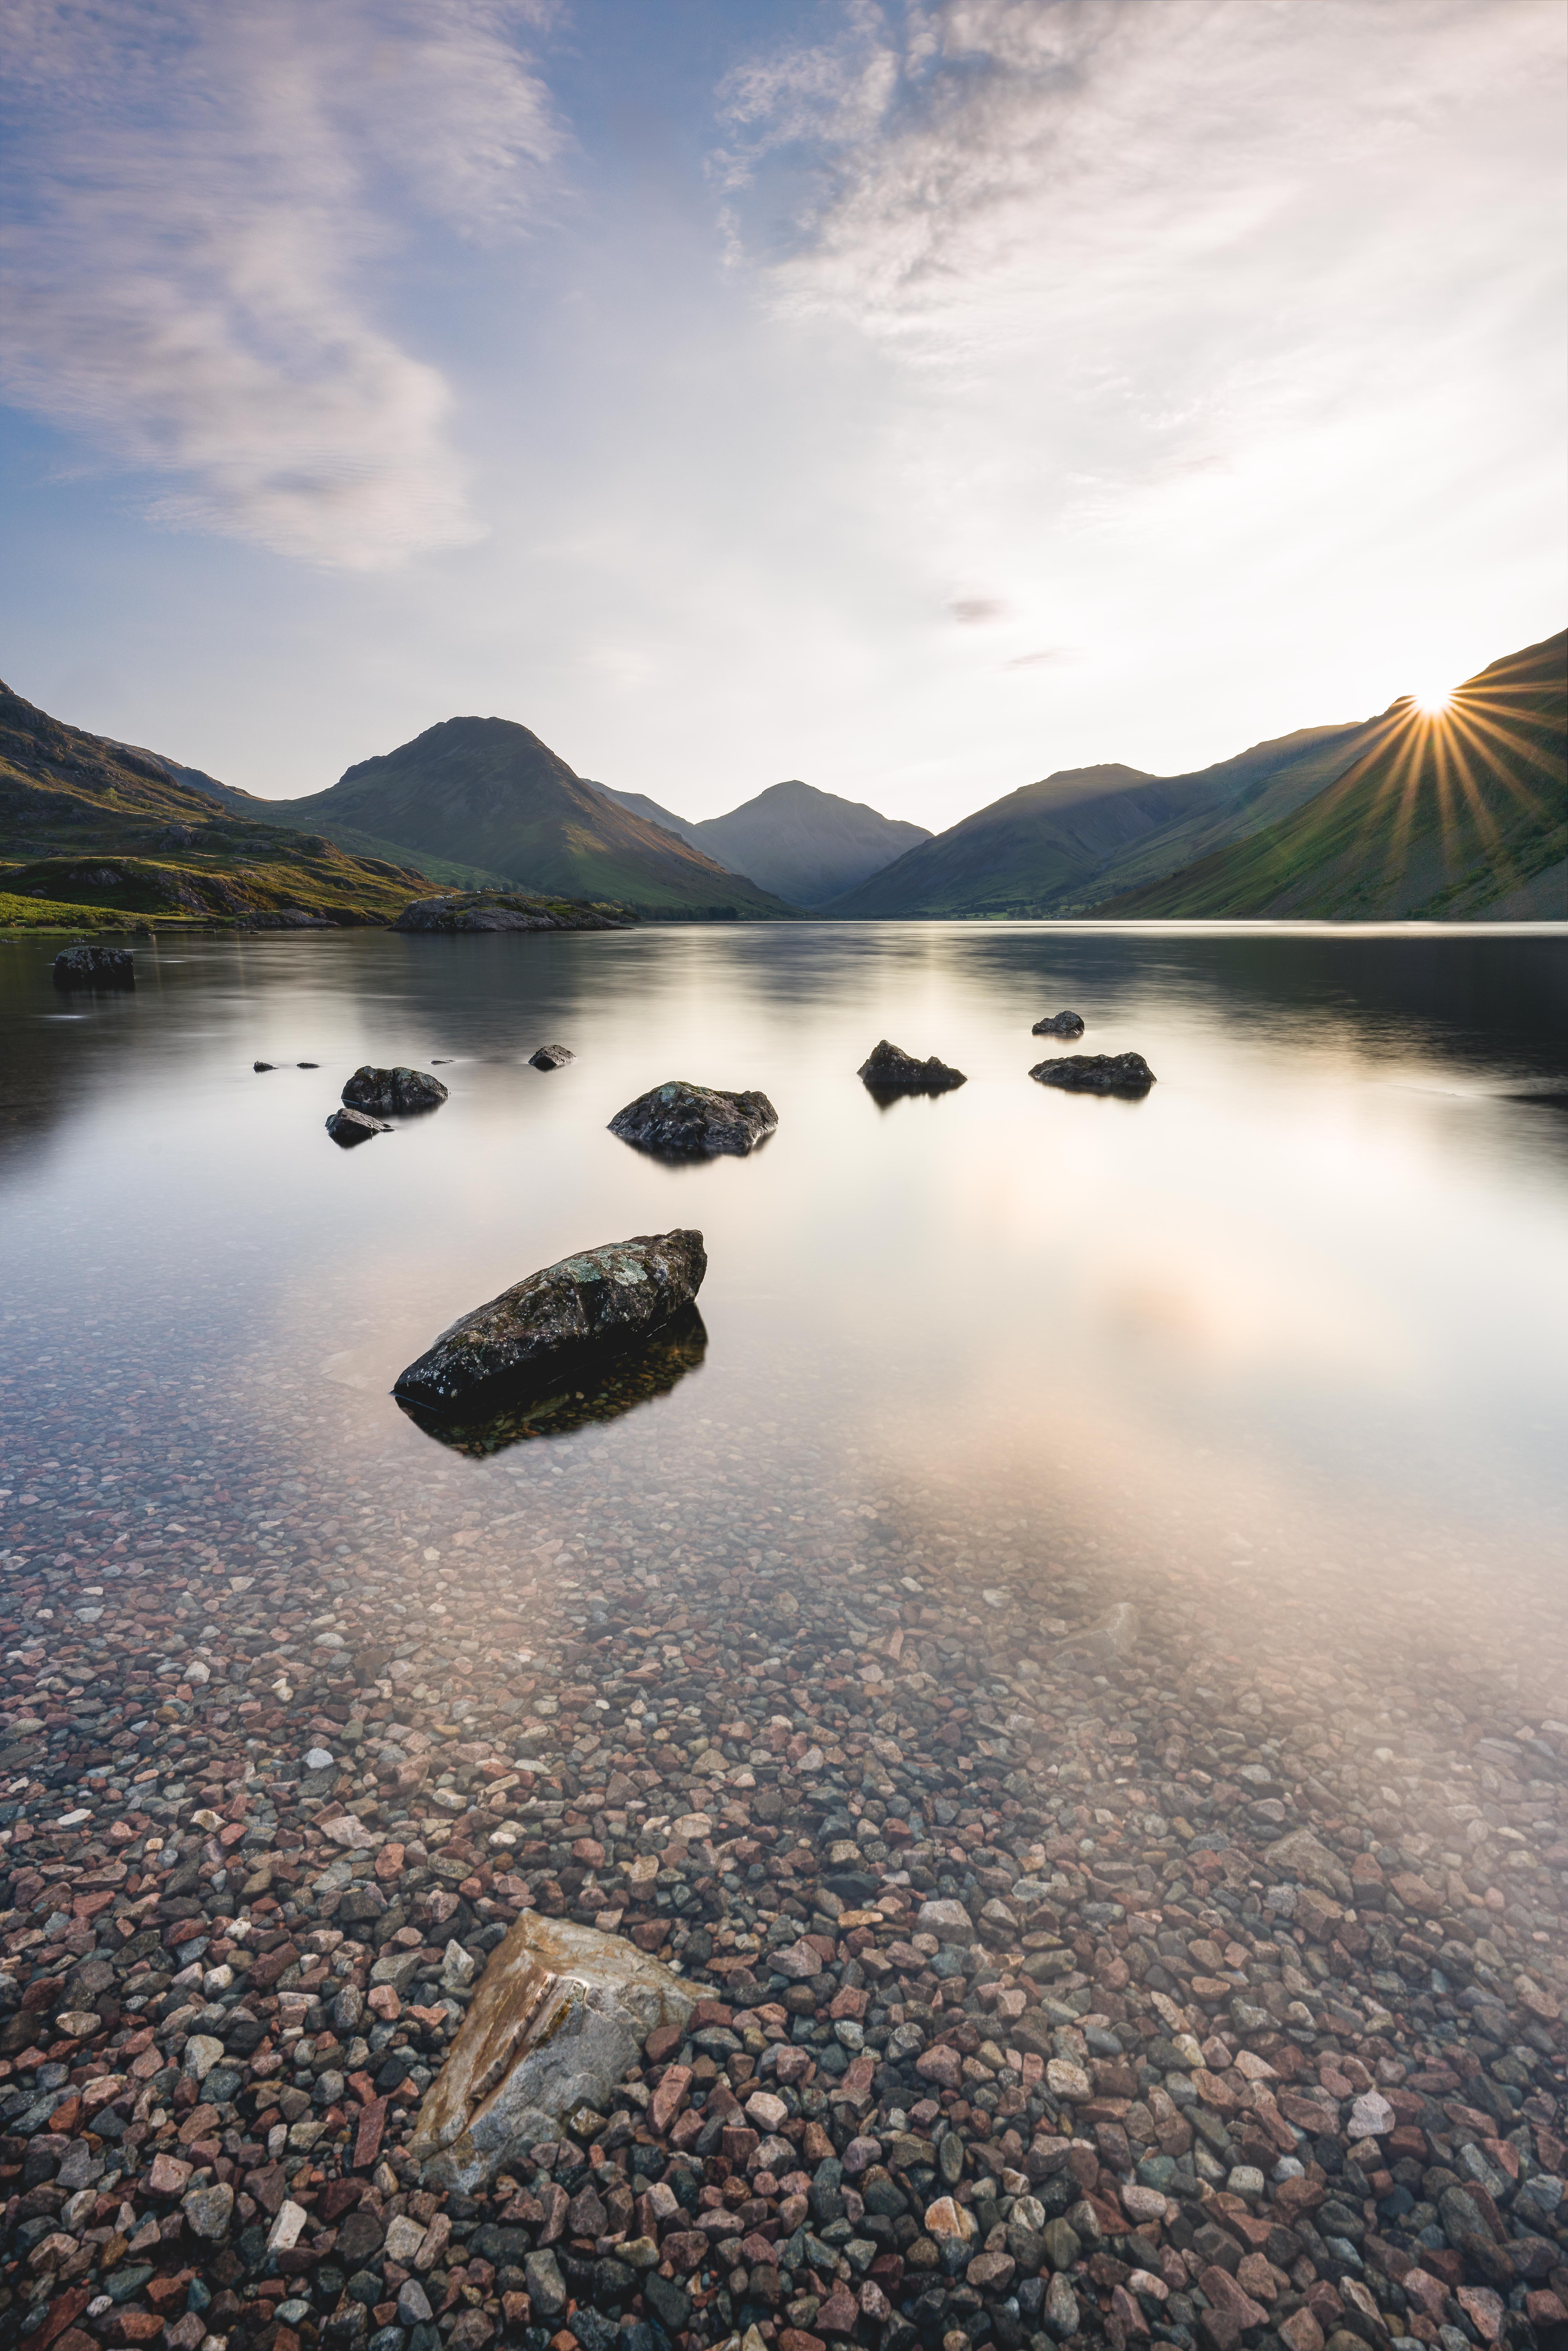 140687 Hintergrundbild 1024x600 kostenlos auf deinem Handy, lade Bilder Landschaft, Natur, Wasser, Stones, Mountains, See 1024x600 auf dein Handy herunter